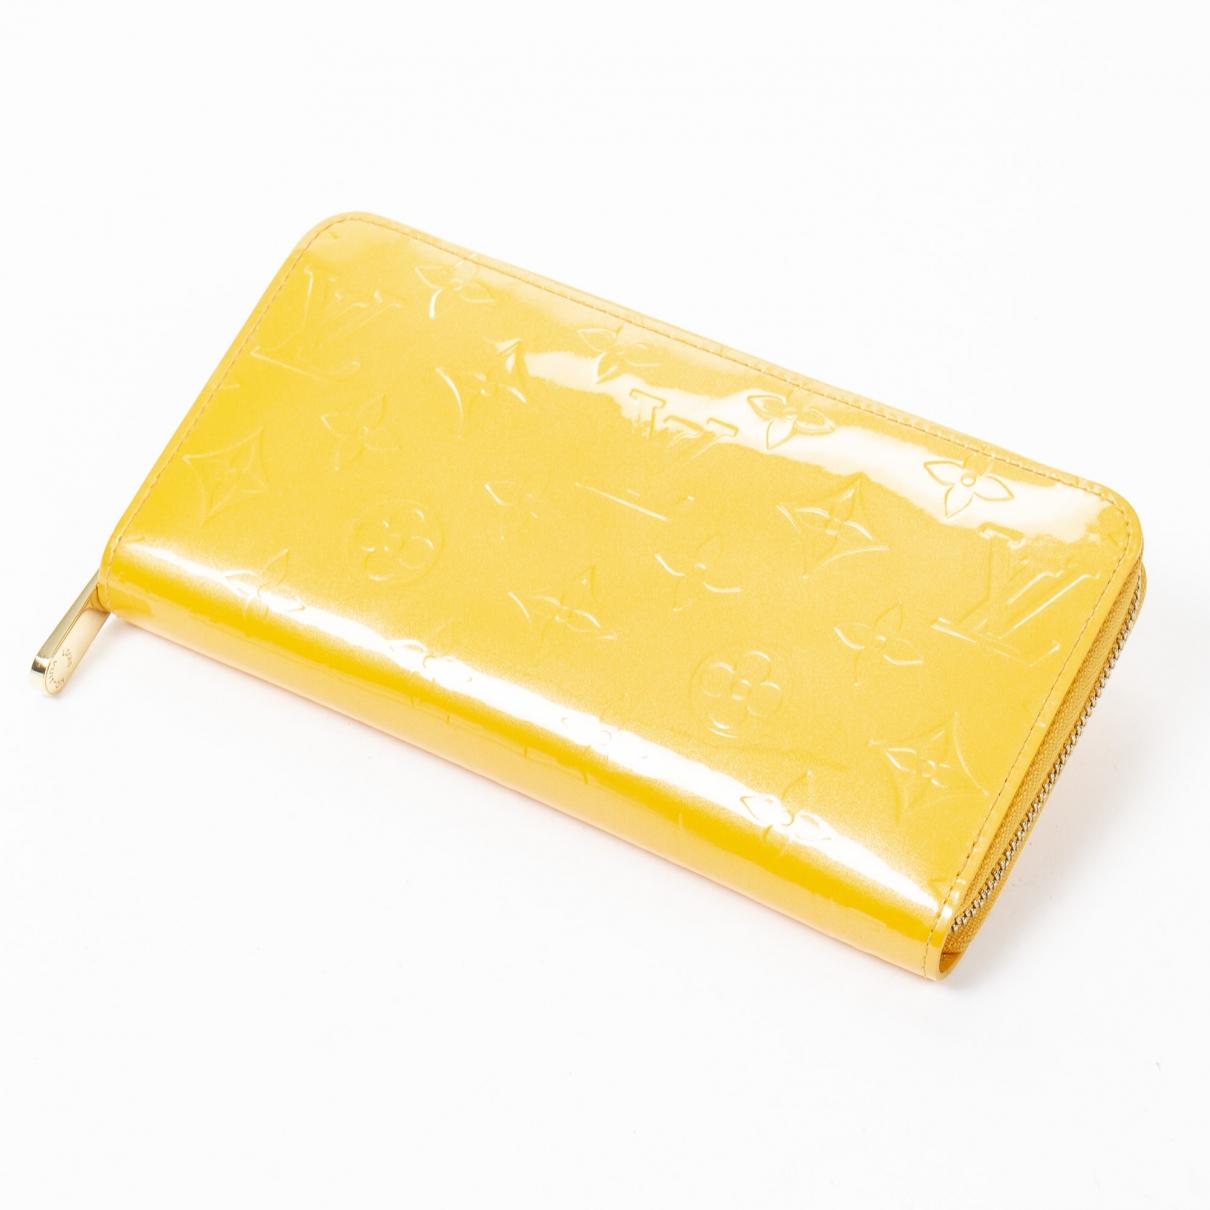 Louis Vuitton - Portefeuille Zippy pour femme en cuir verni - jaune